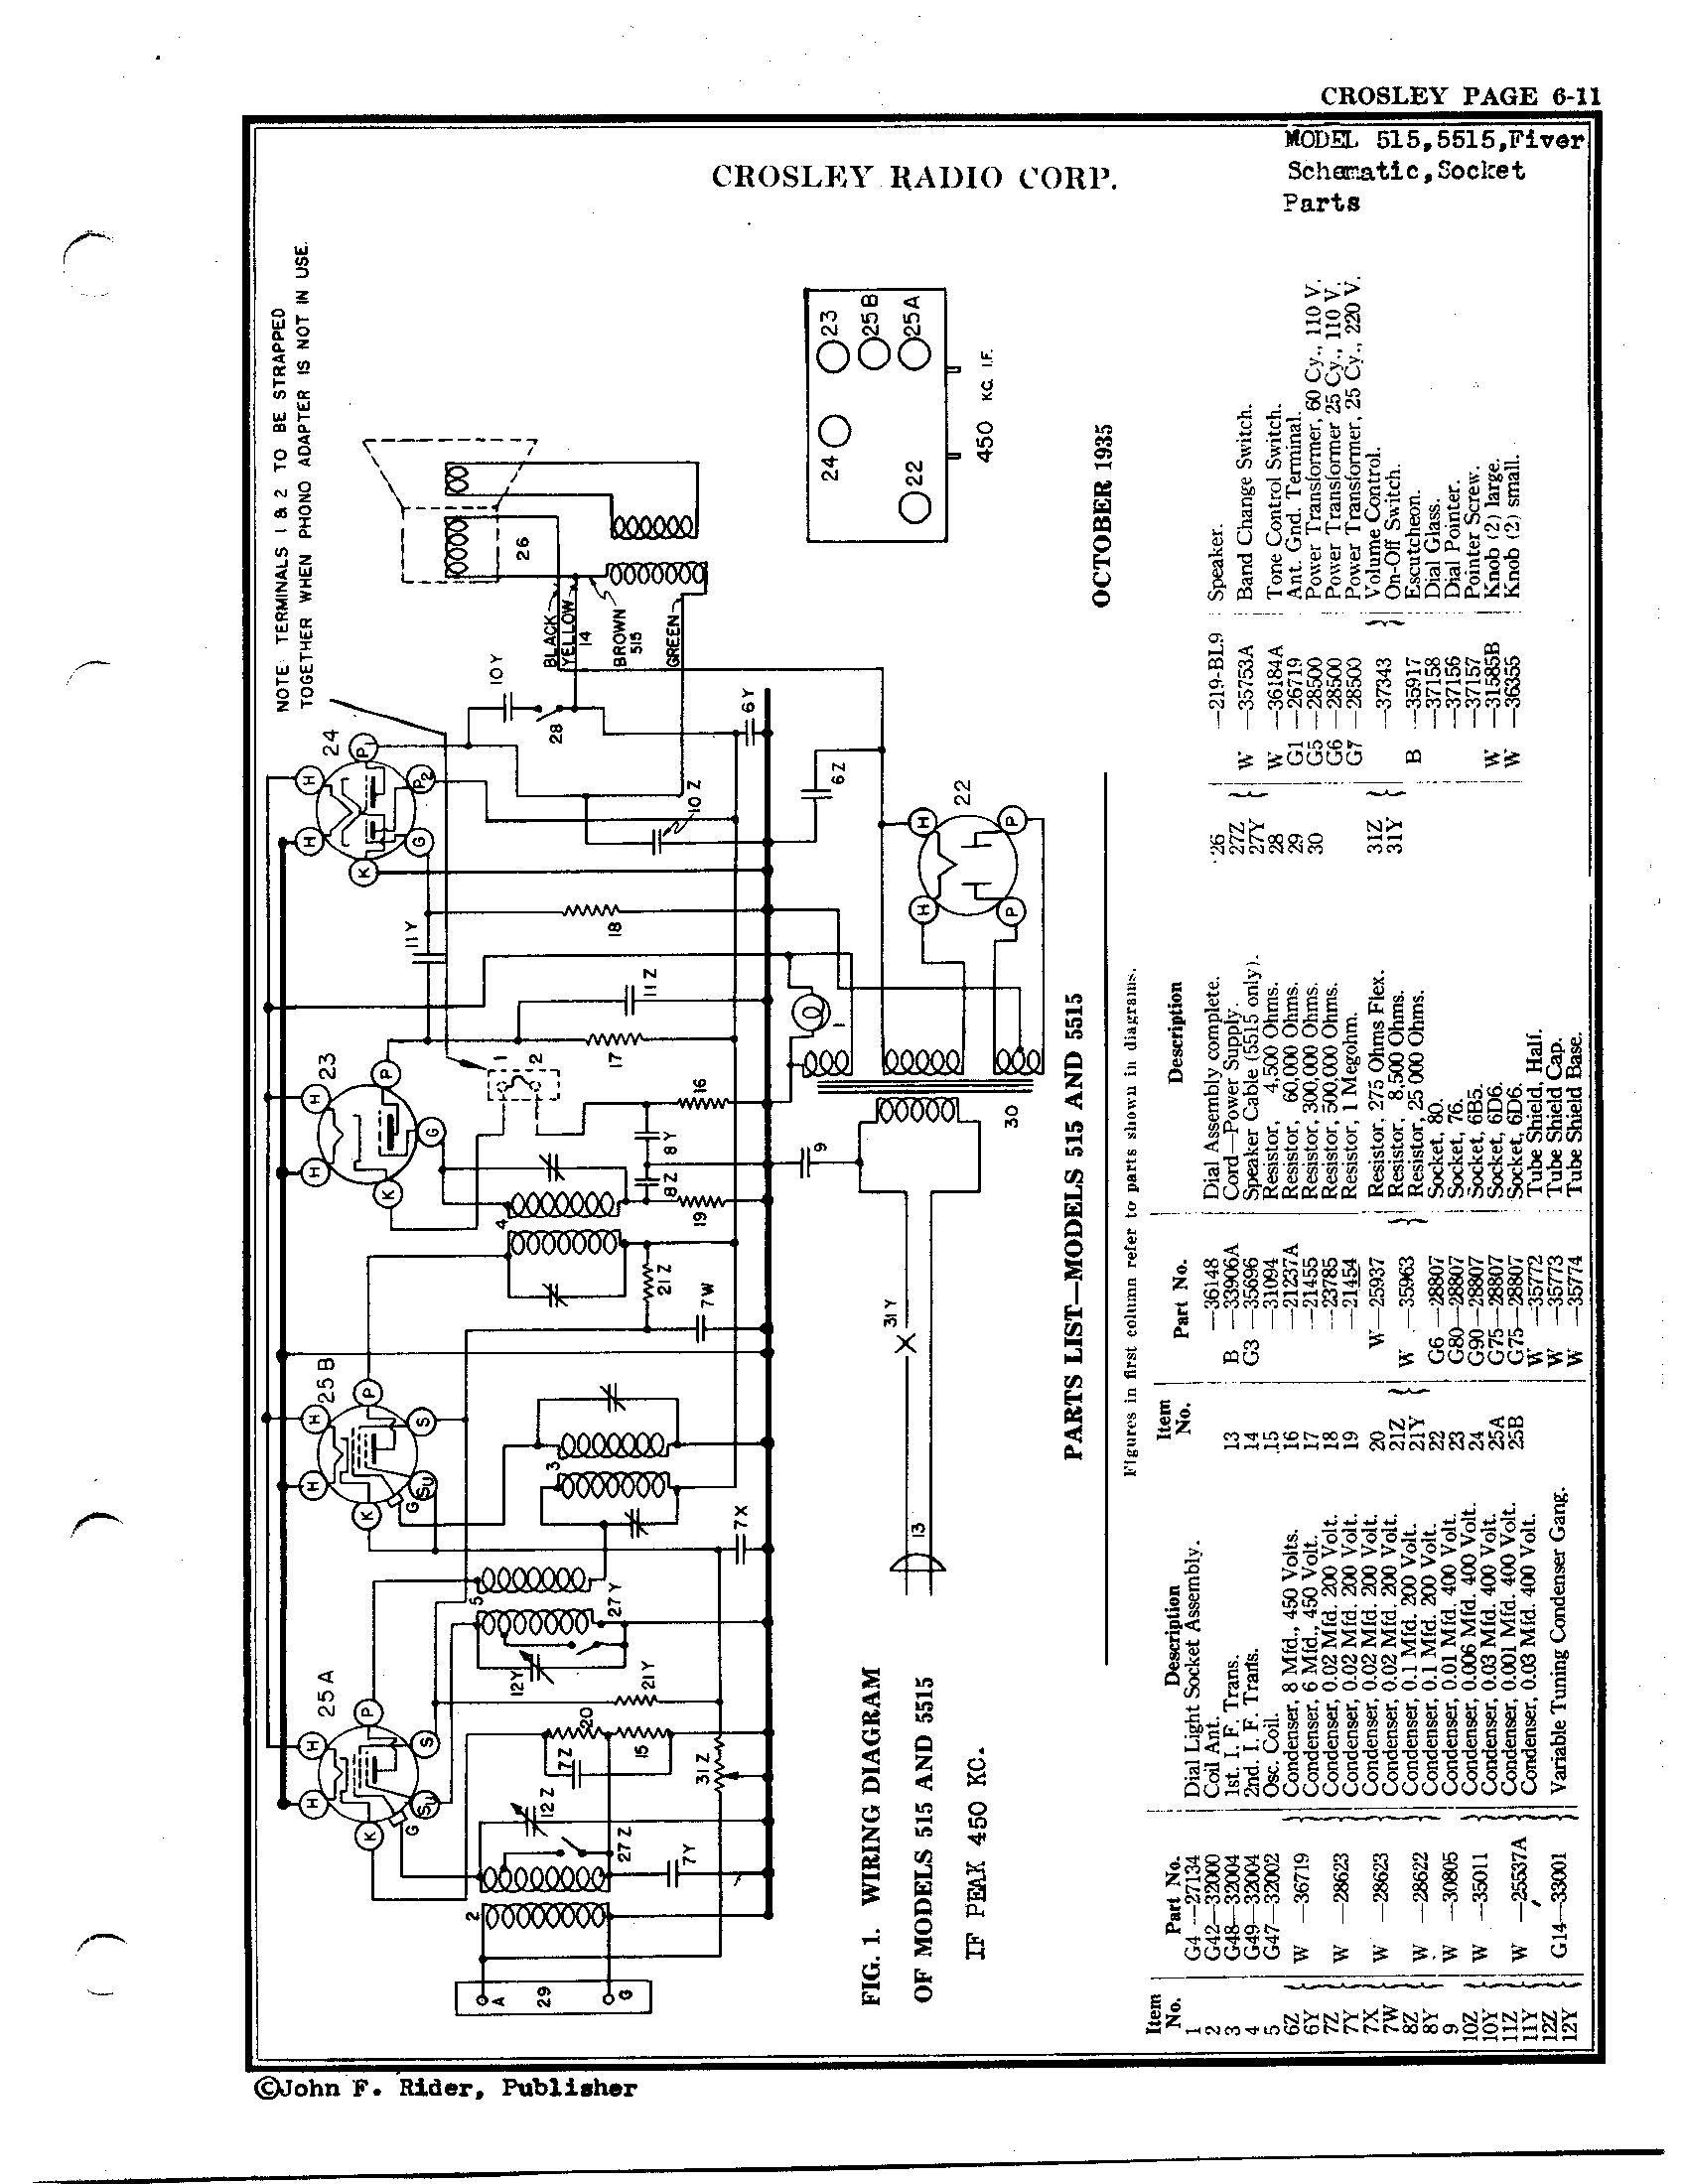 crosley corp  515